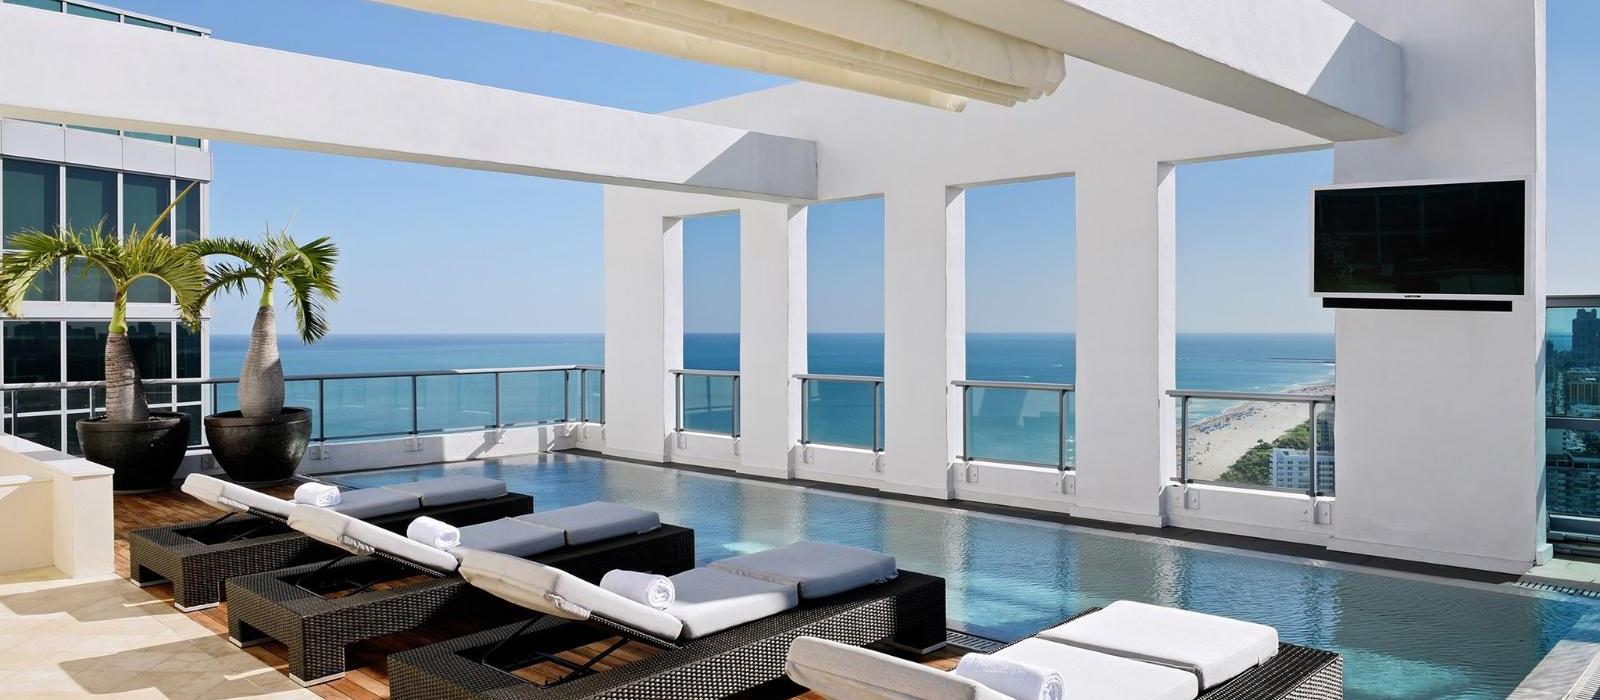 迈阿密海滩舍泰酒店(The Setai, Miami Beach) 图片  www.lhw.cn